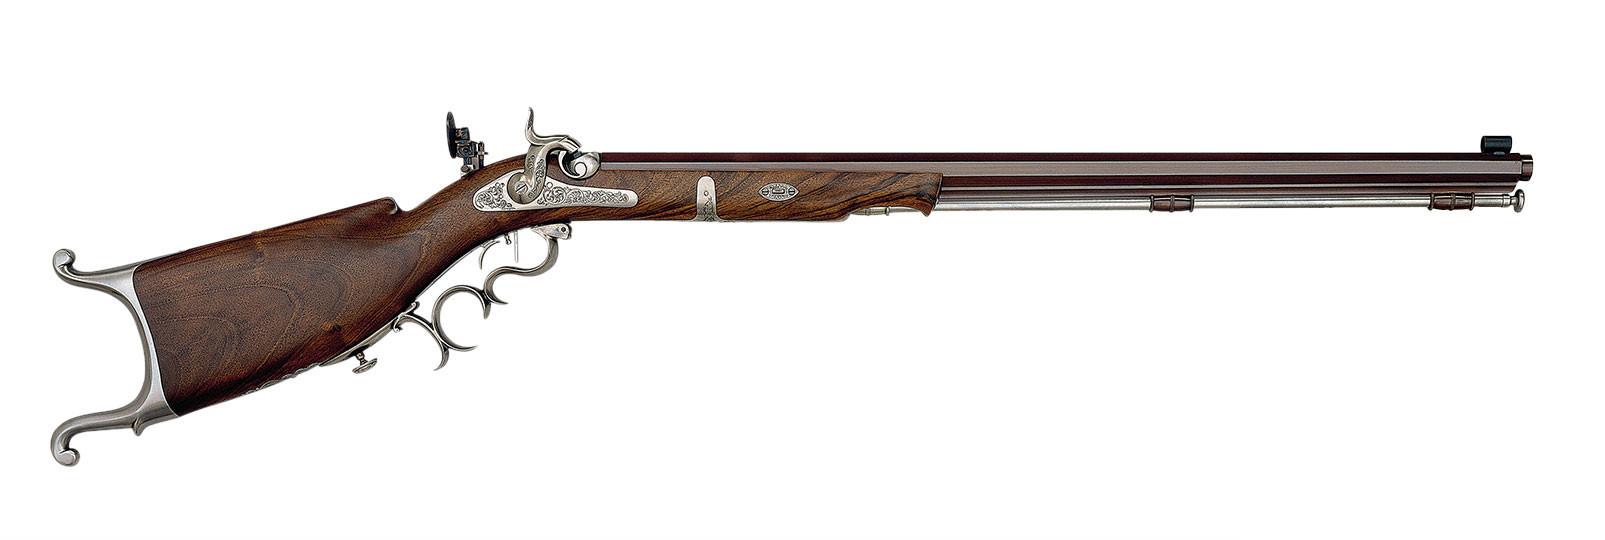 Waadtlander DELUXE Rifle